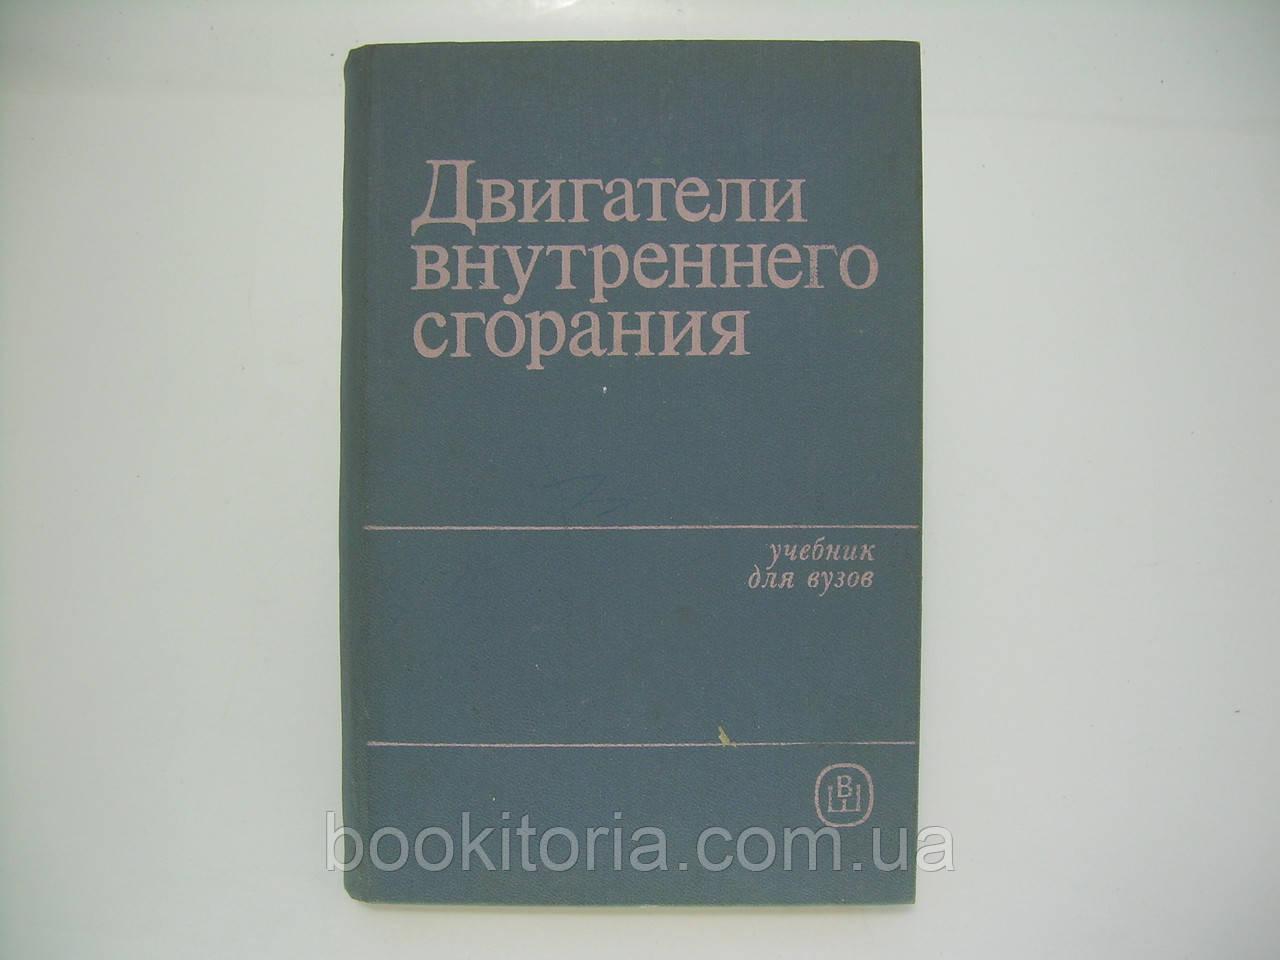 Хачиян А. С. и др. Двигатели внутреннего сгорания (б/у).